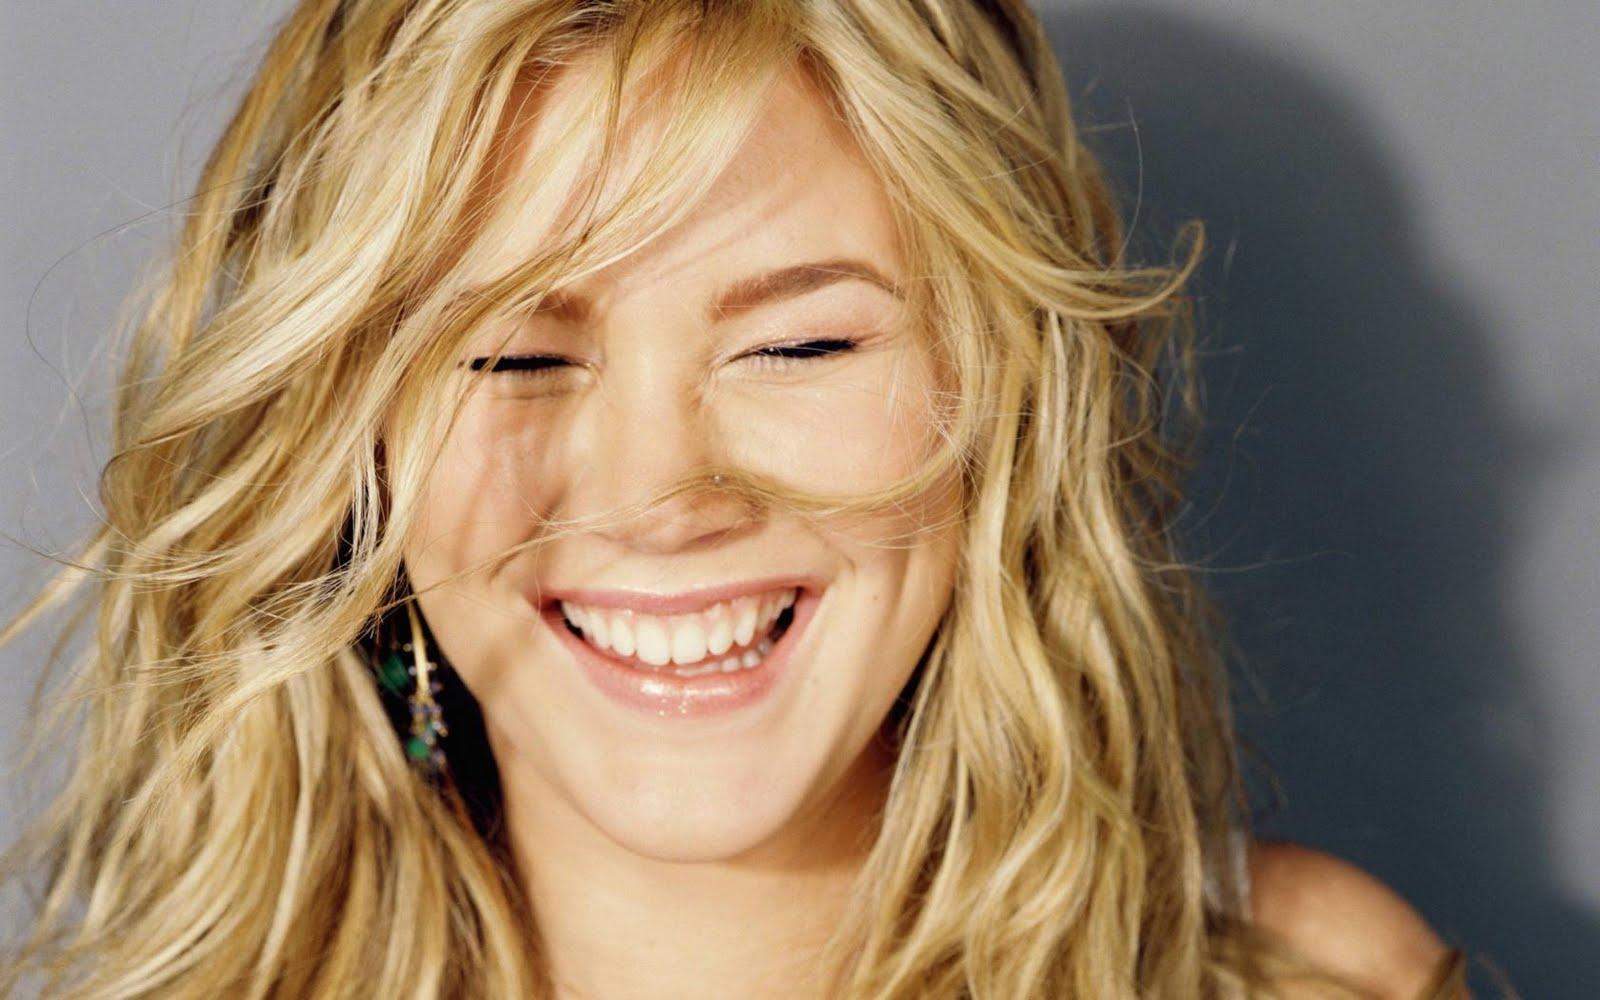 http://1.bp.blogspot.com/-JI-v-kcUJzE/TosGWEBLtCI/AAAAAAAAANE/OA7S-w80G-o/s1600/joss_stone_laugh.jpg